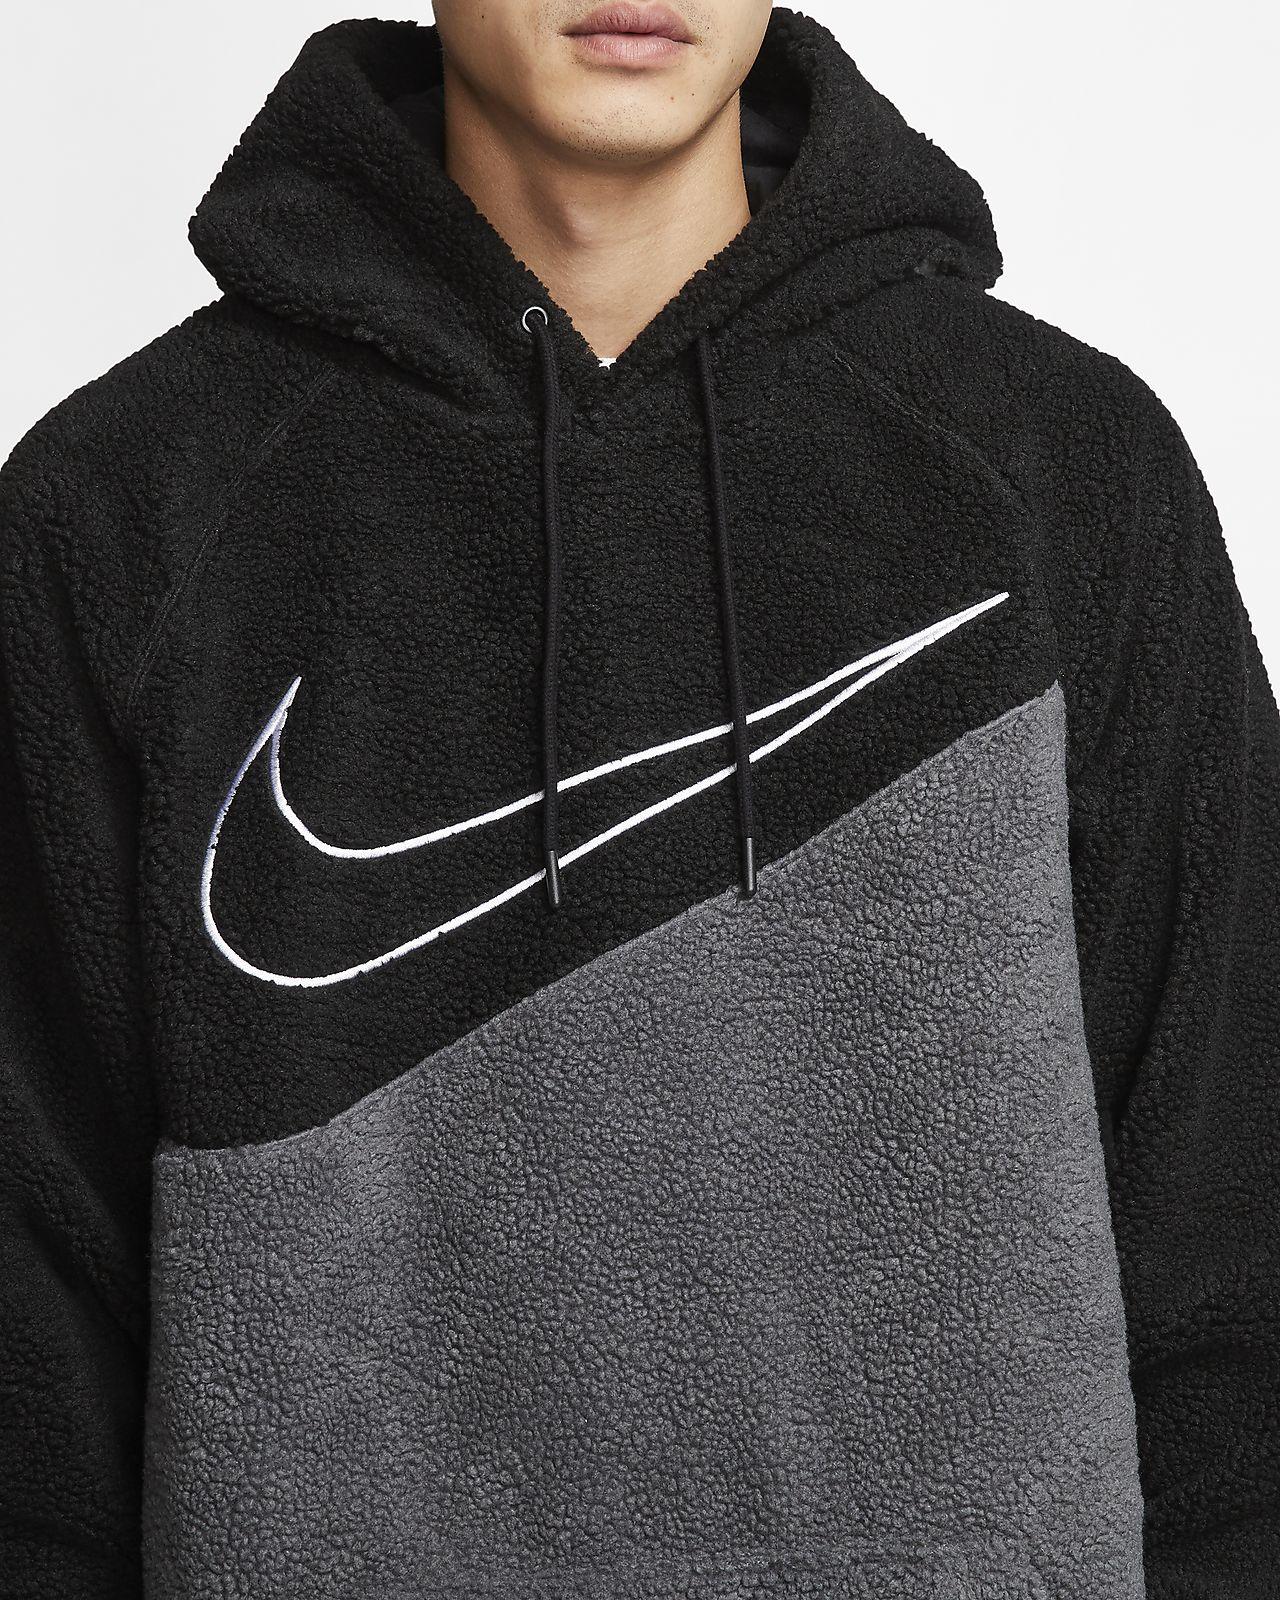 nike hoodie swoosh in middle